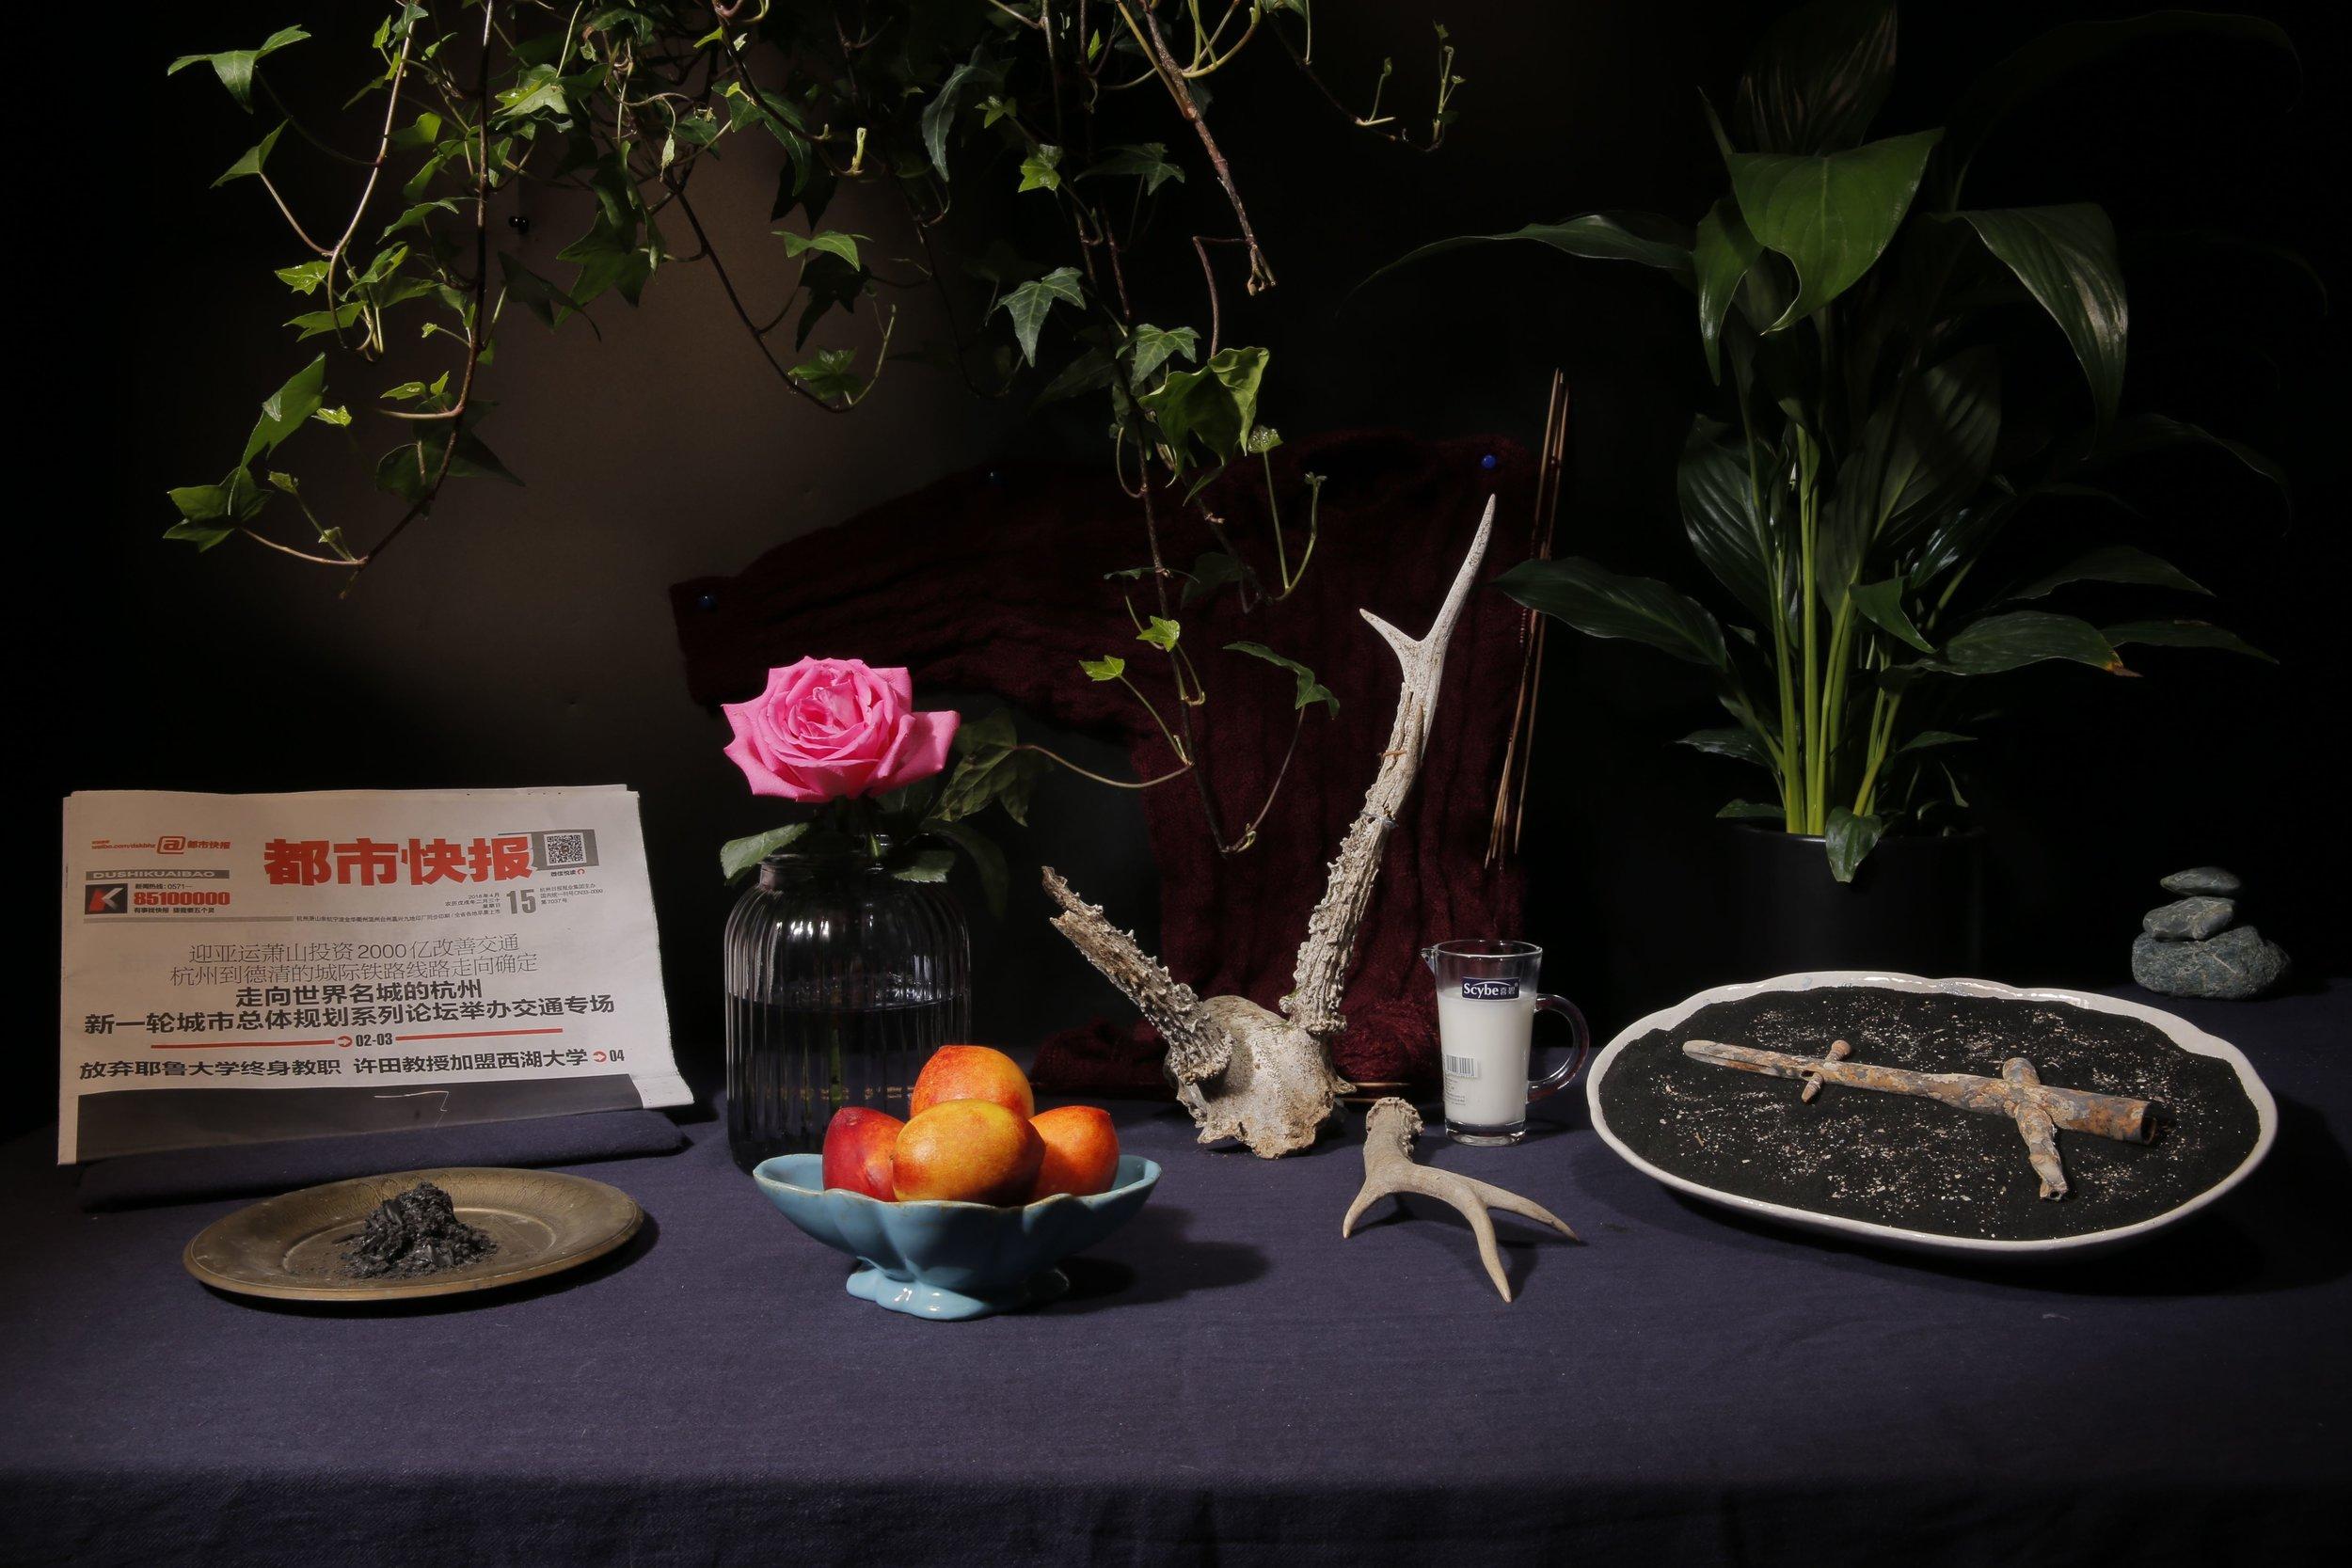 邵睿璐,《不要害怕生或死,你早已见过许多》,2018年。互动性延时静物摄影+静物陈列。图片由艺术家提供。